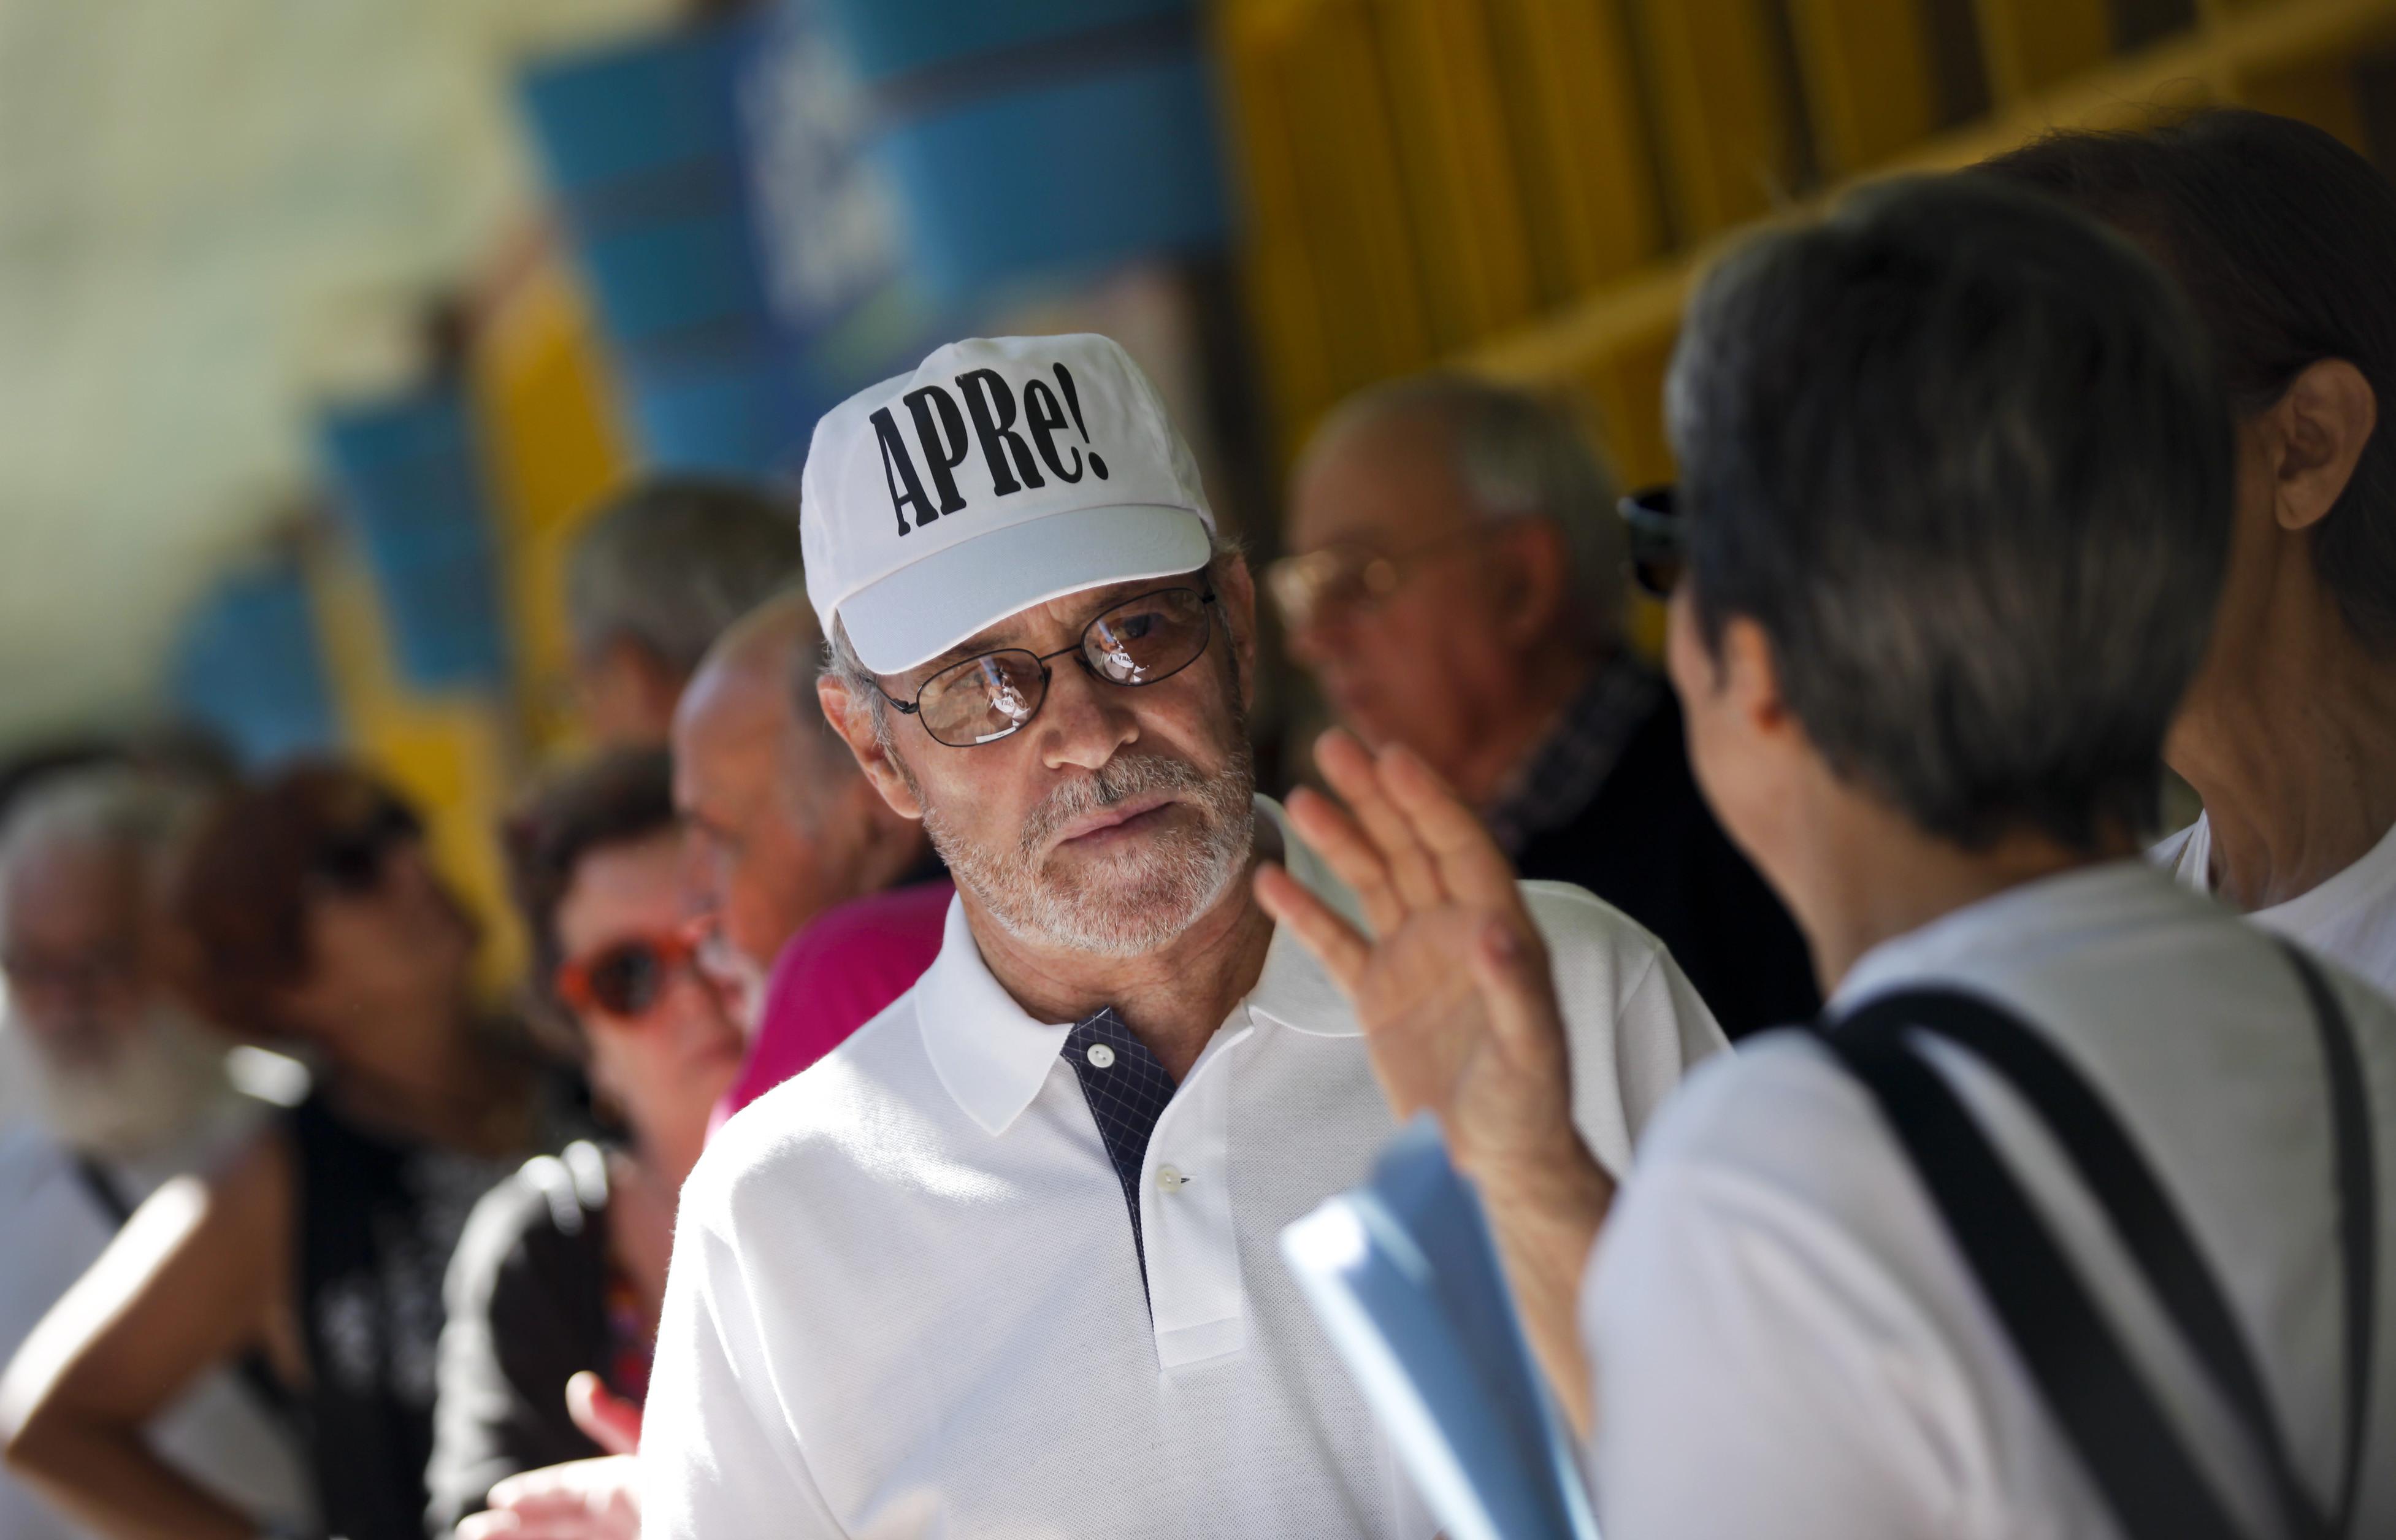 Reformados queixam-se de cortes nas pensões por atraso nas tabelas do IRS